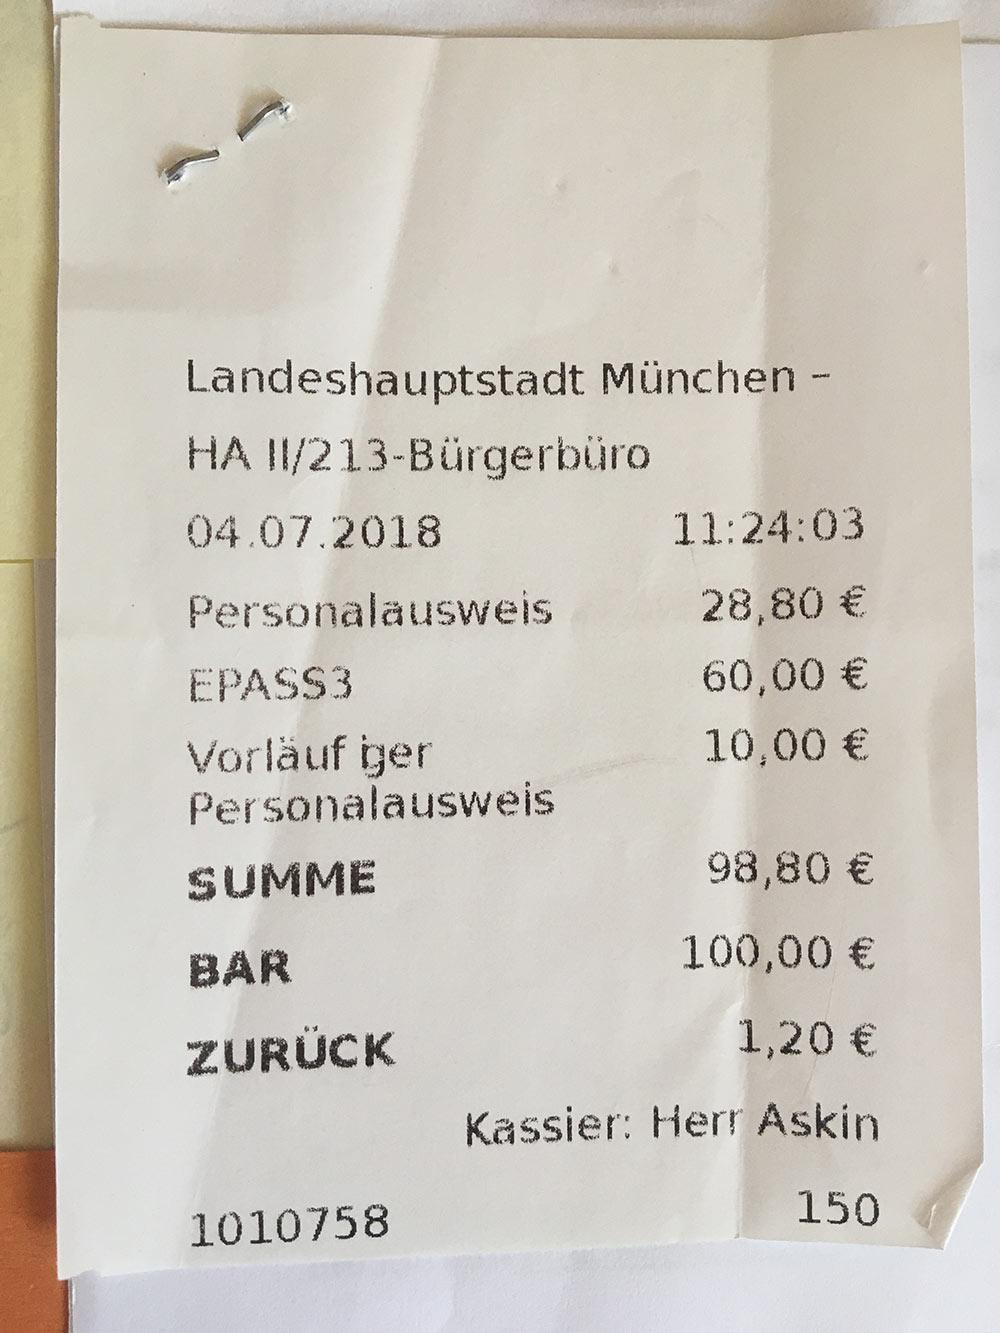 Мой чек за три паспорта: основной, заграничный и временный